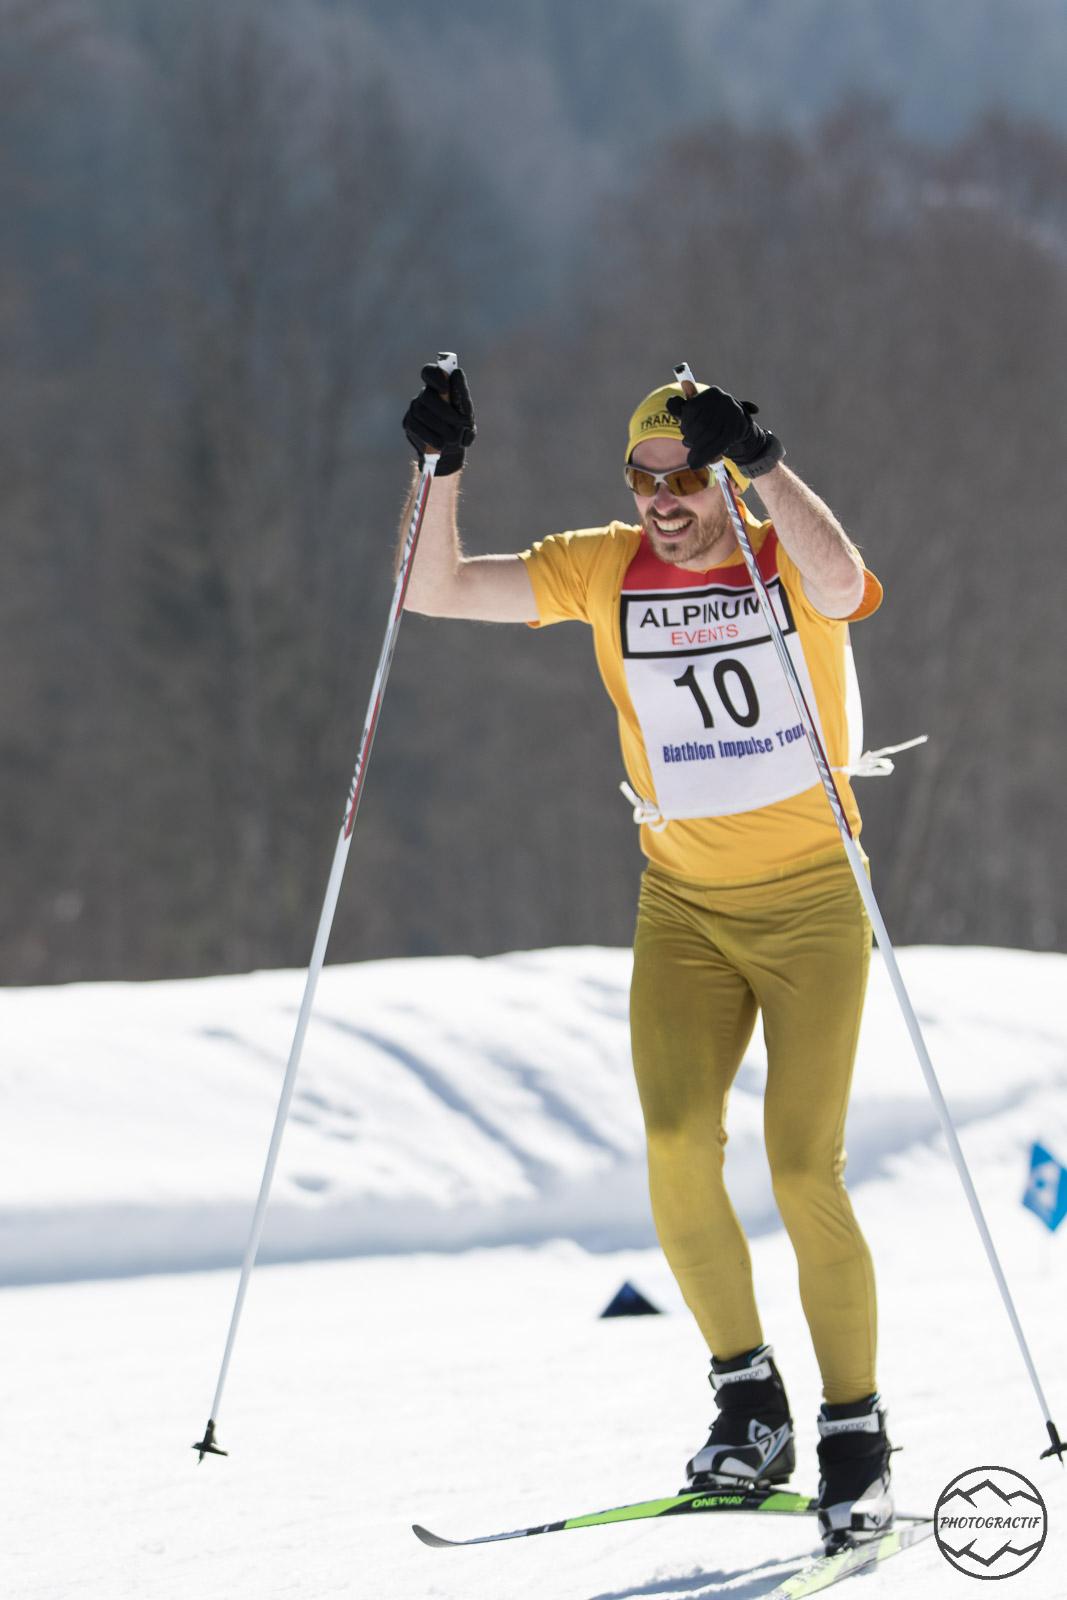 Biathlon Alpinum Les Contamines 2019 (21)